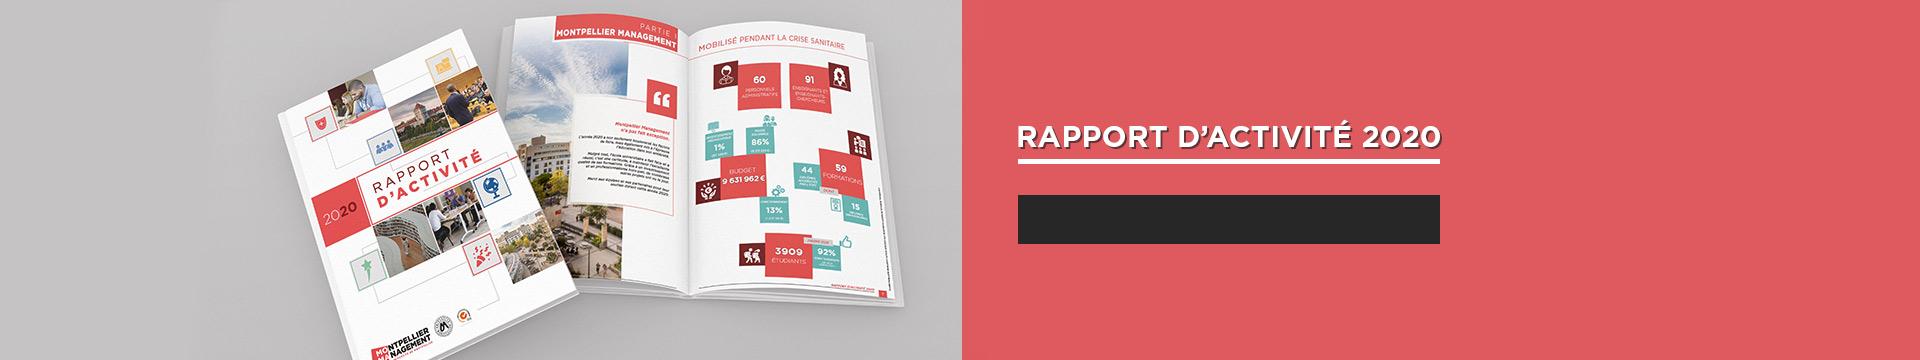 Rapport d'activité 2020 - Montpellier Management